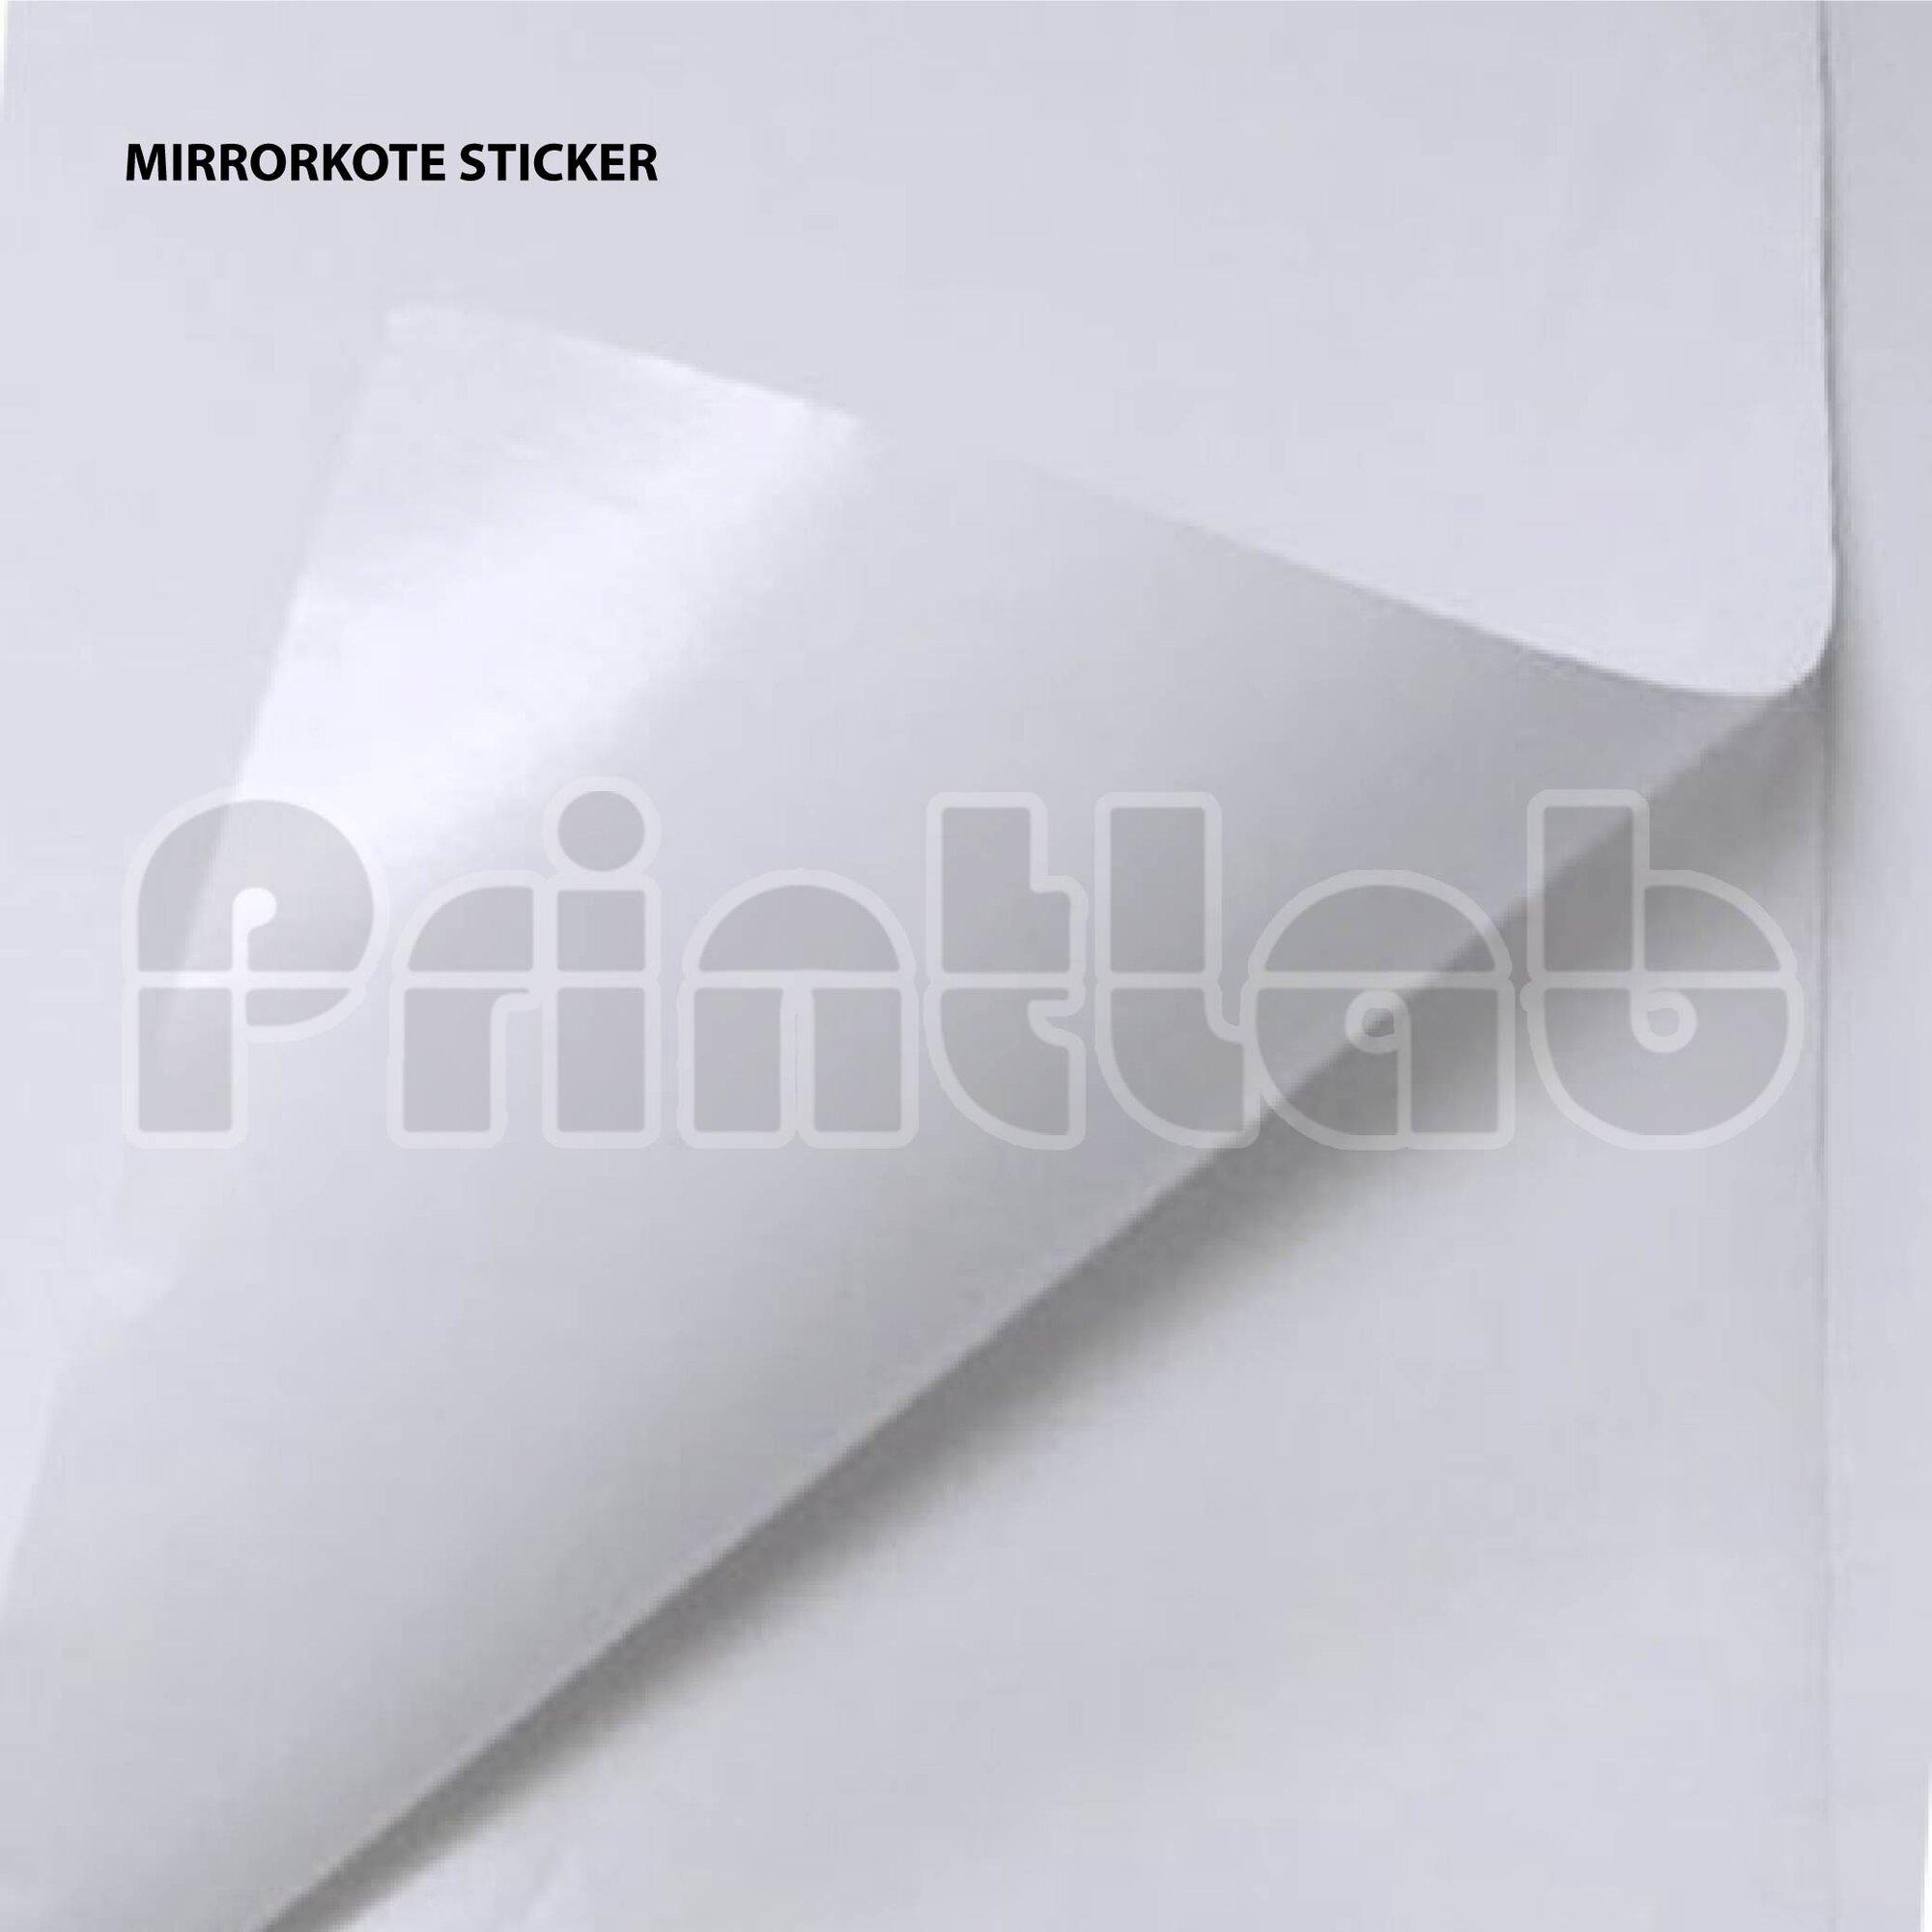 Mirrorkote Sticker